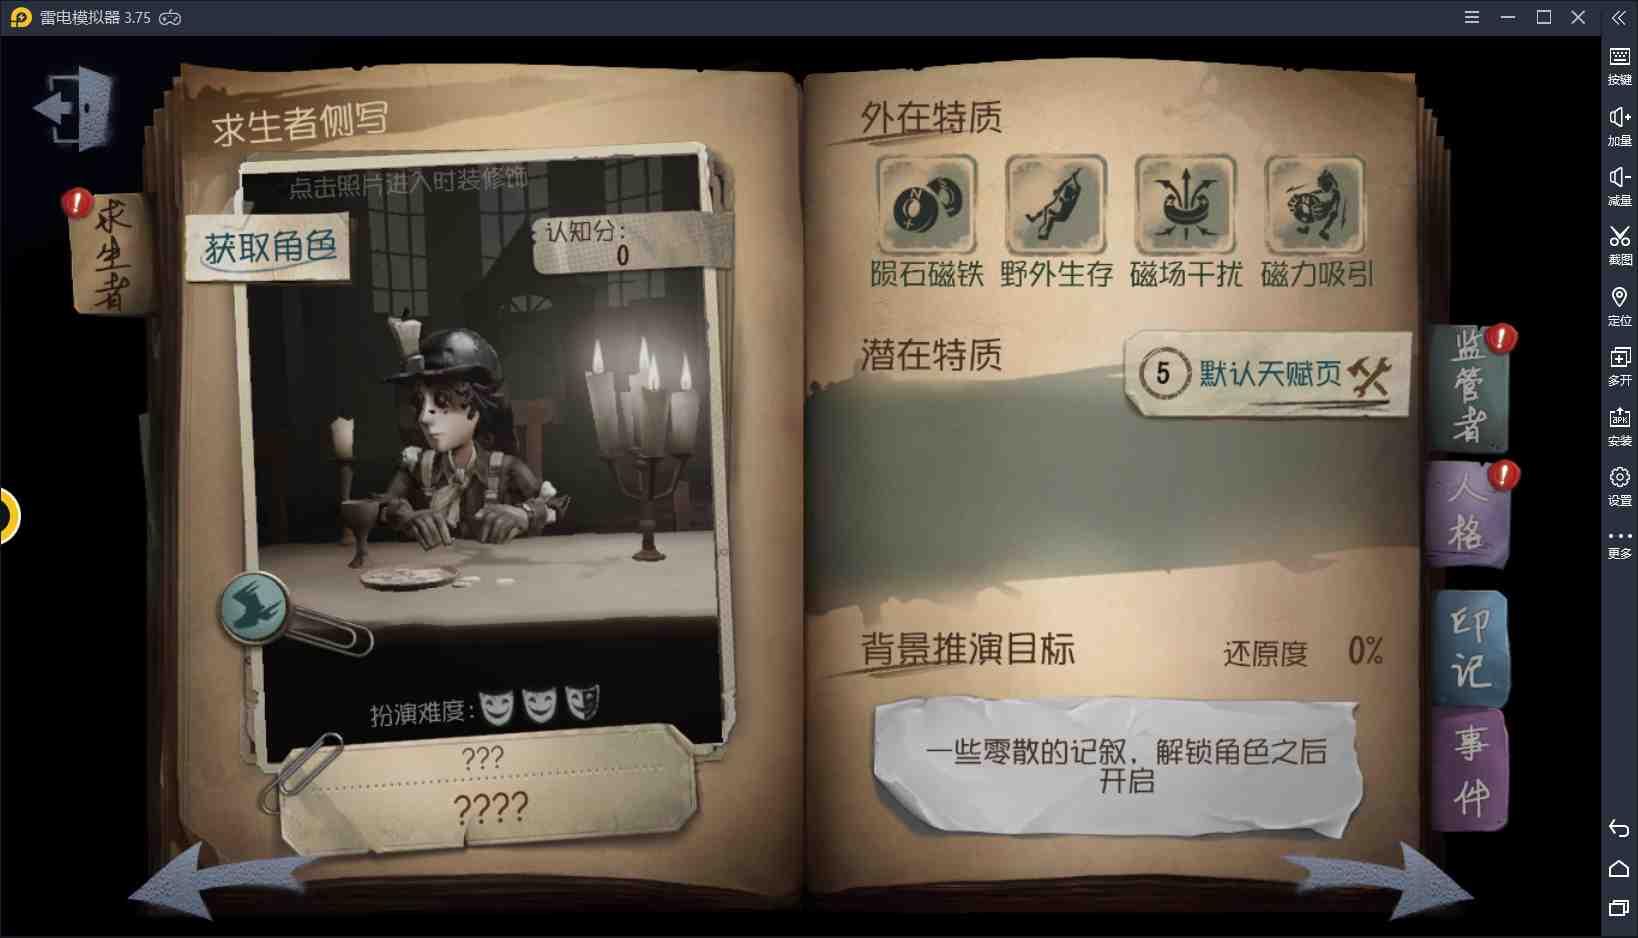 """【第五人格】庄园恶霸三人组——万磁王""""勘探员""""进阶攻略"""